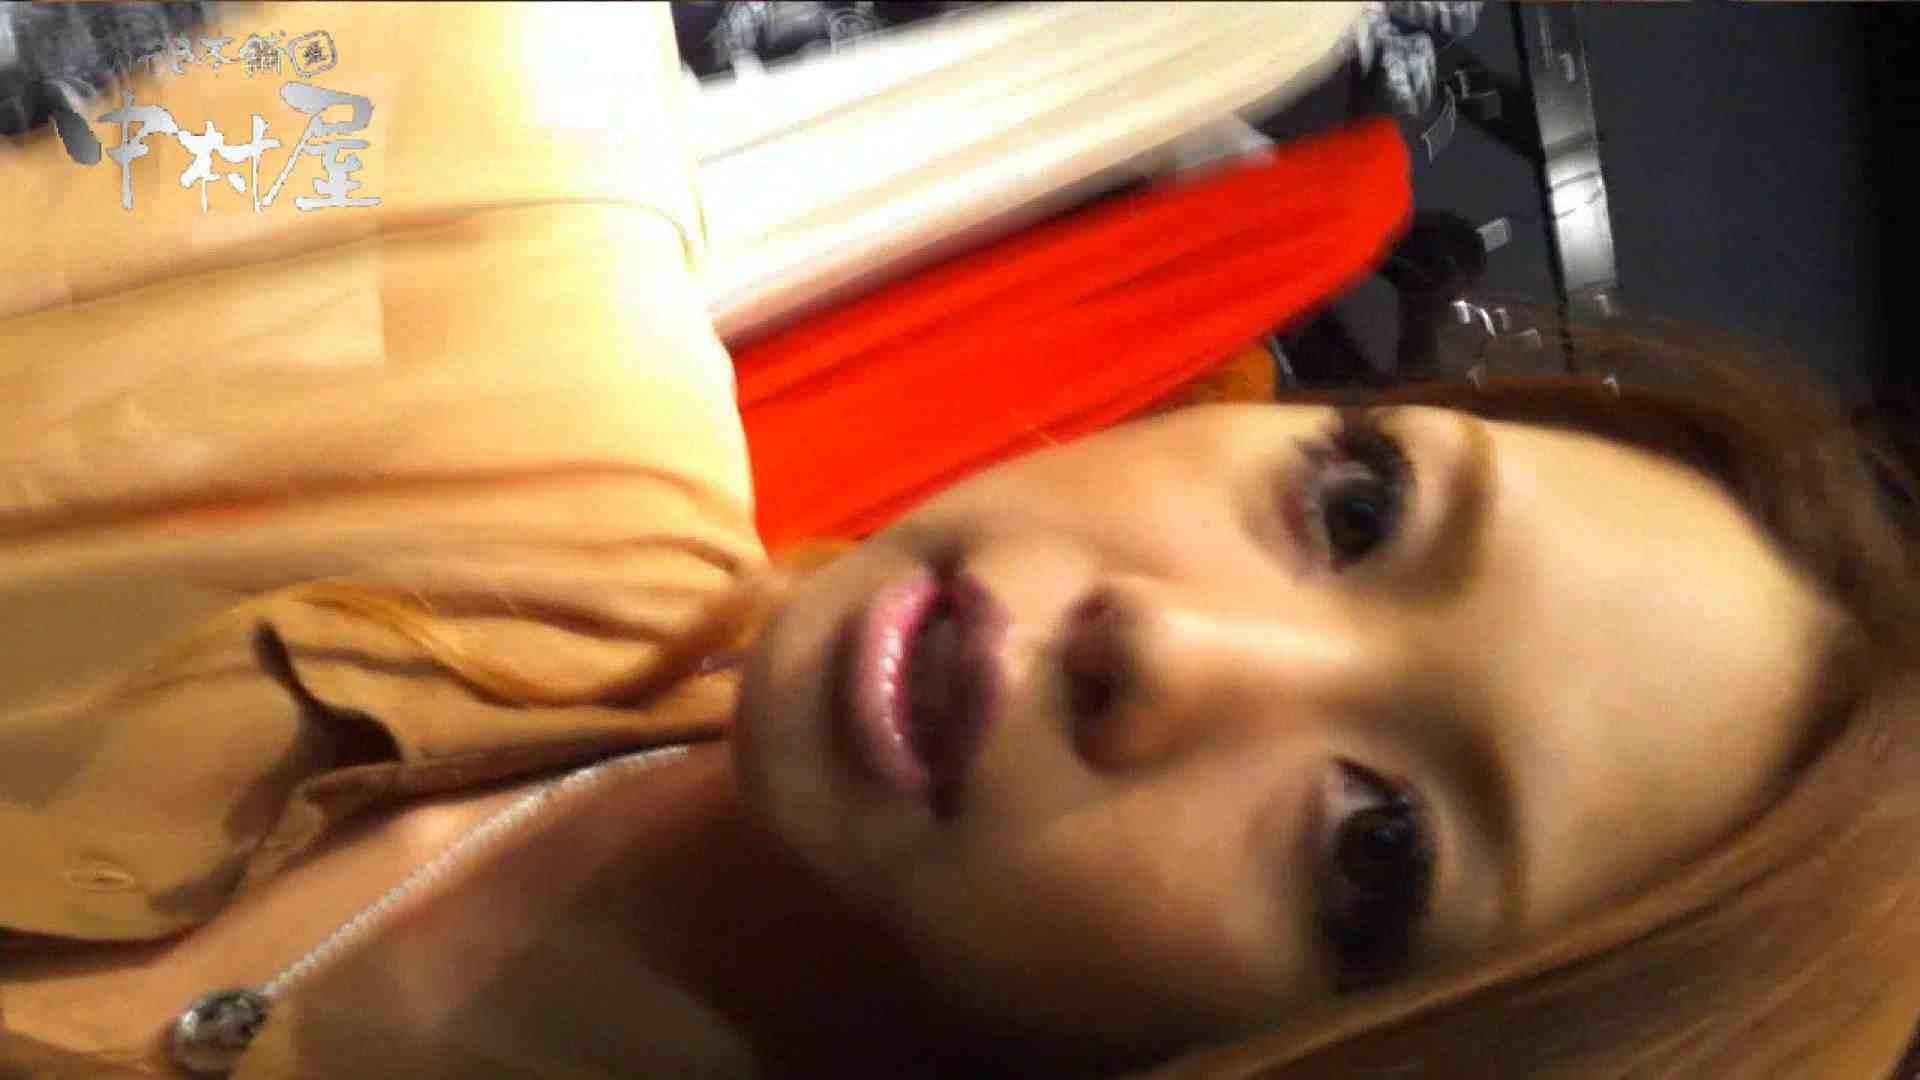 vol.63 美人アパレル胸チラ&パンチラ サンタさんチックな店員さん チラ見えで興奮 盗撮動画紹介 11枚 6